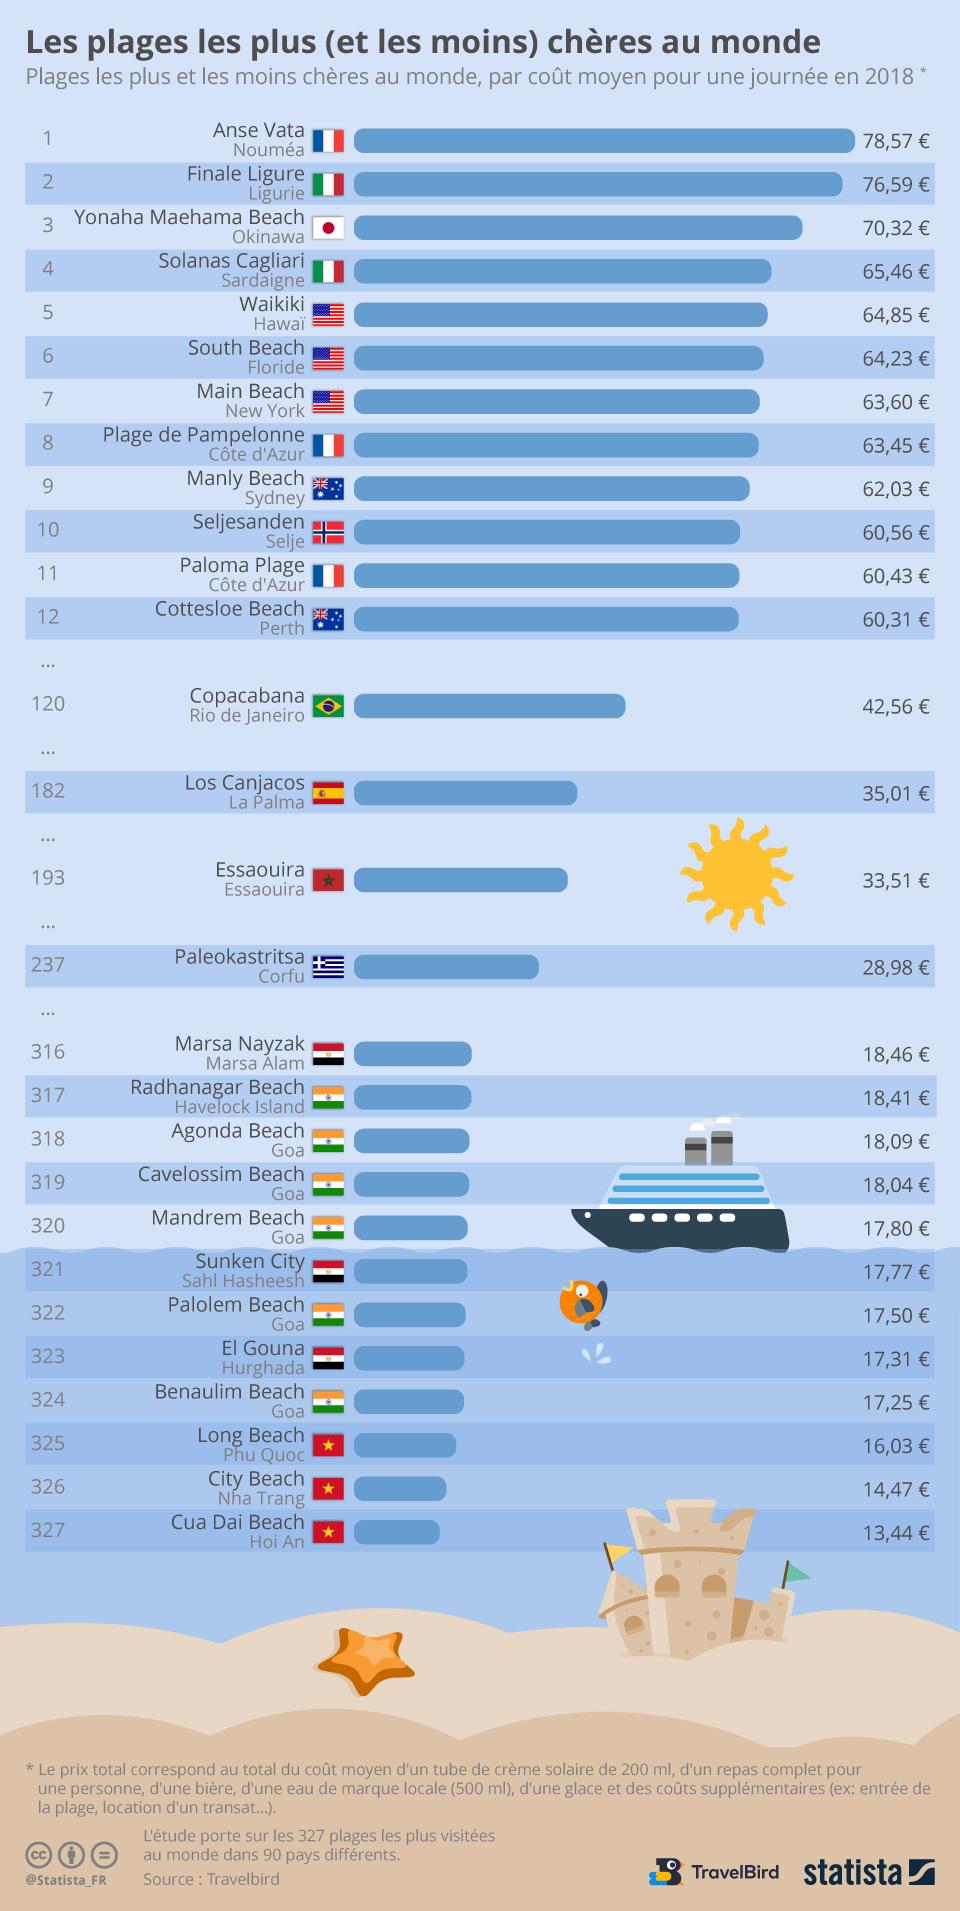 Infographie: Les plages les plus (et les moins) chères au monde | Statista